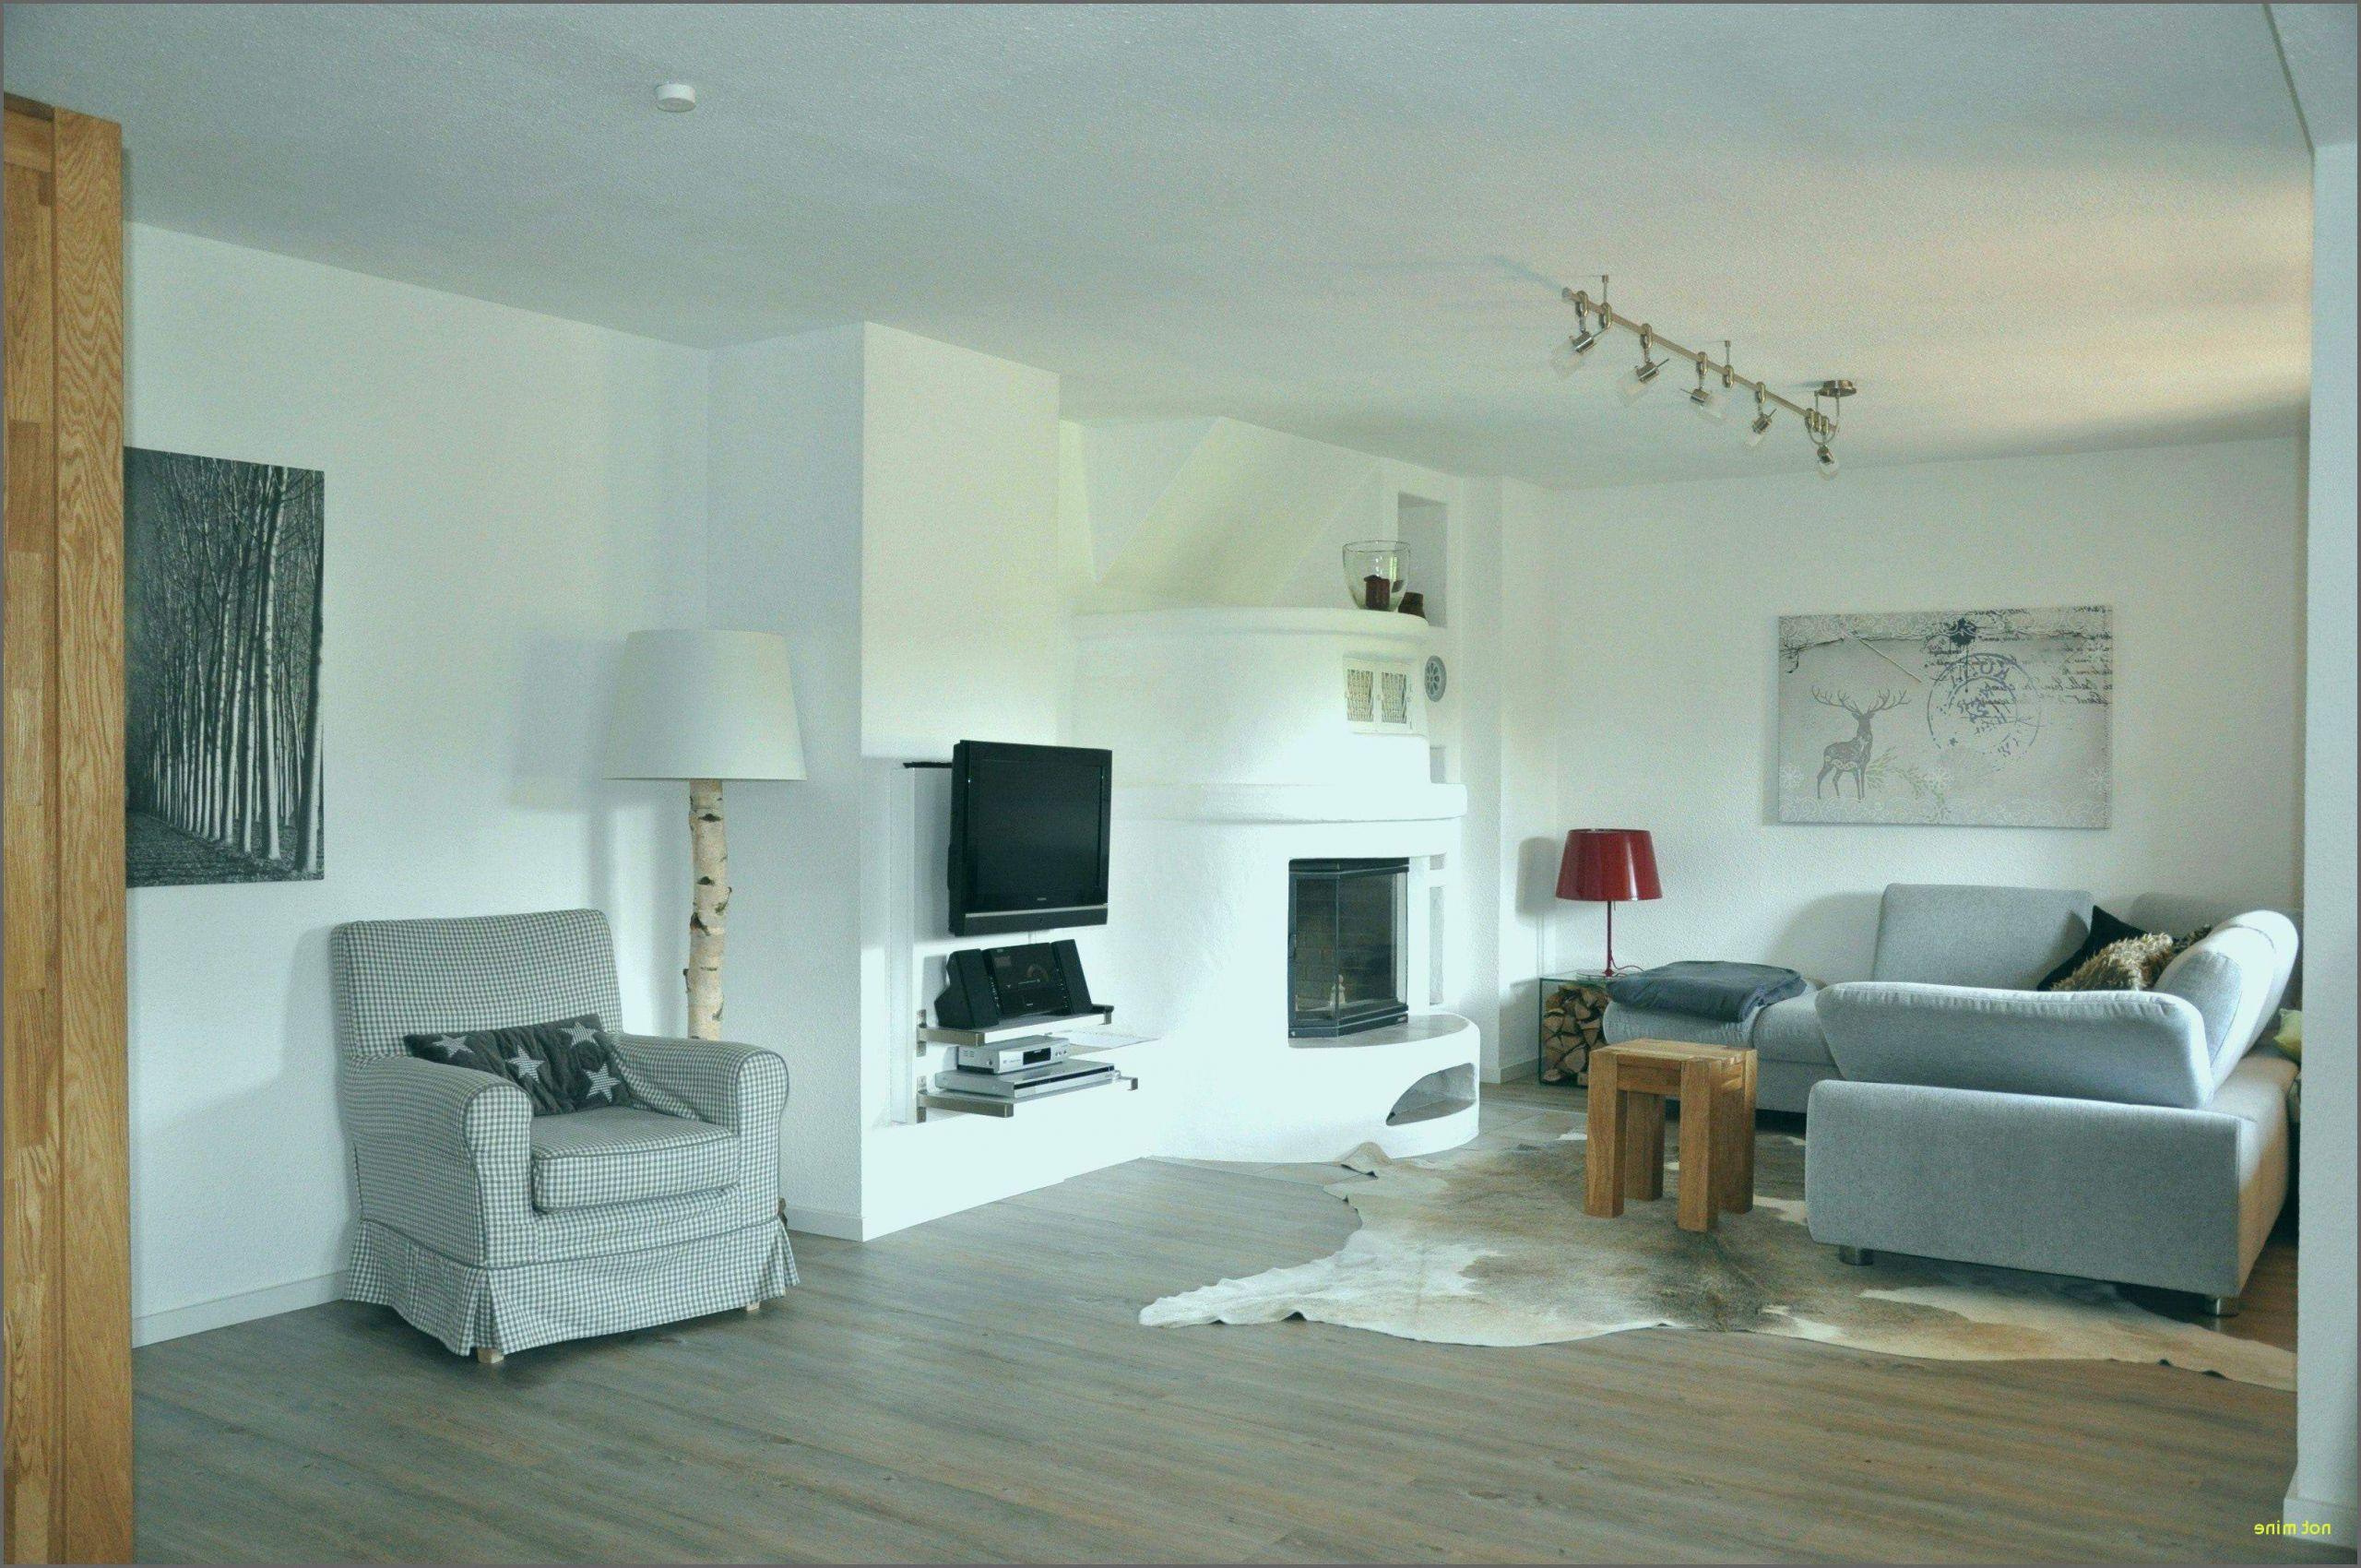 baum im wohnzimmer einzigartig 37 tolle und warm design bilder wohnzimmer of baum im wohnzimmer